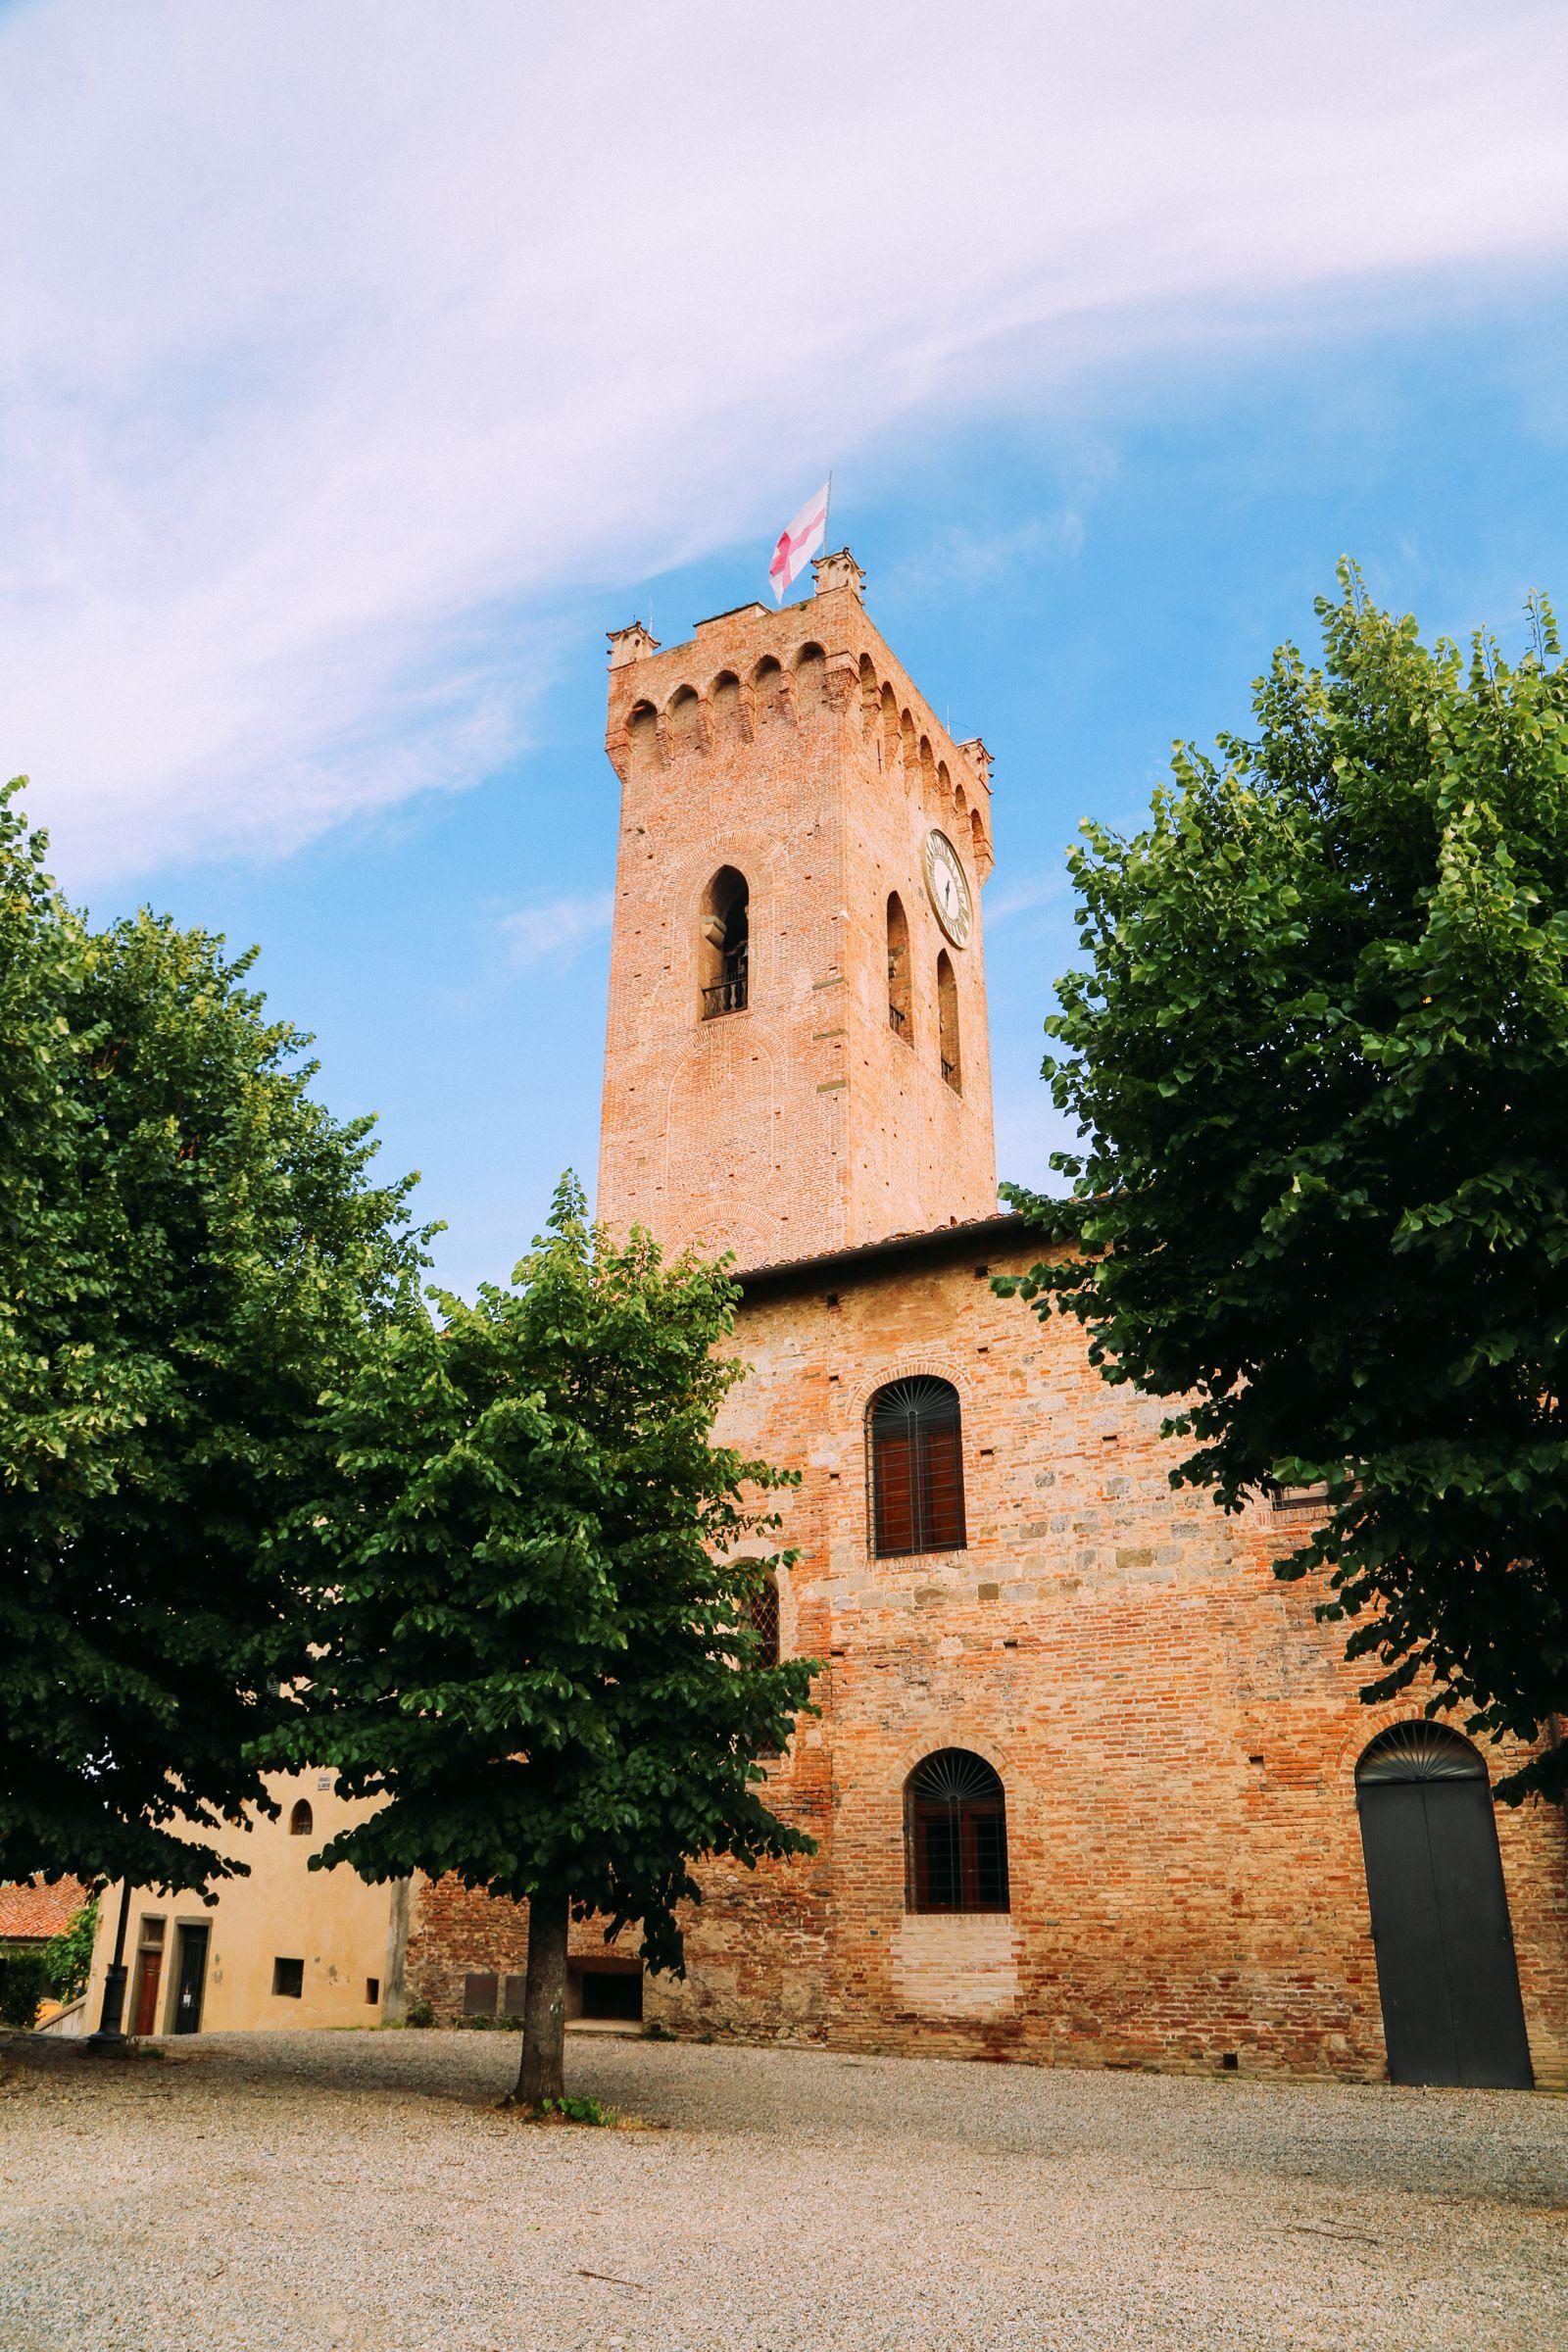 The Beautiful Tuscan Town Of San Miniato, Italy (10)